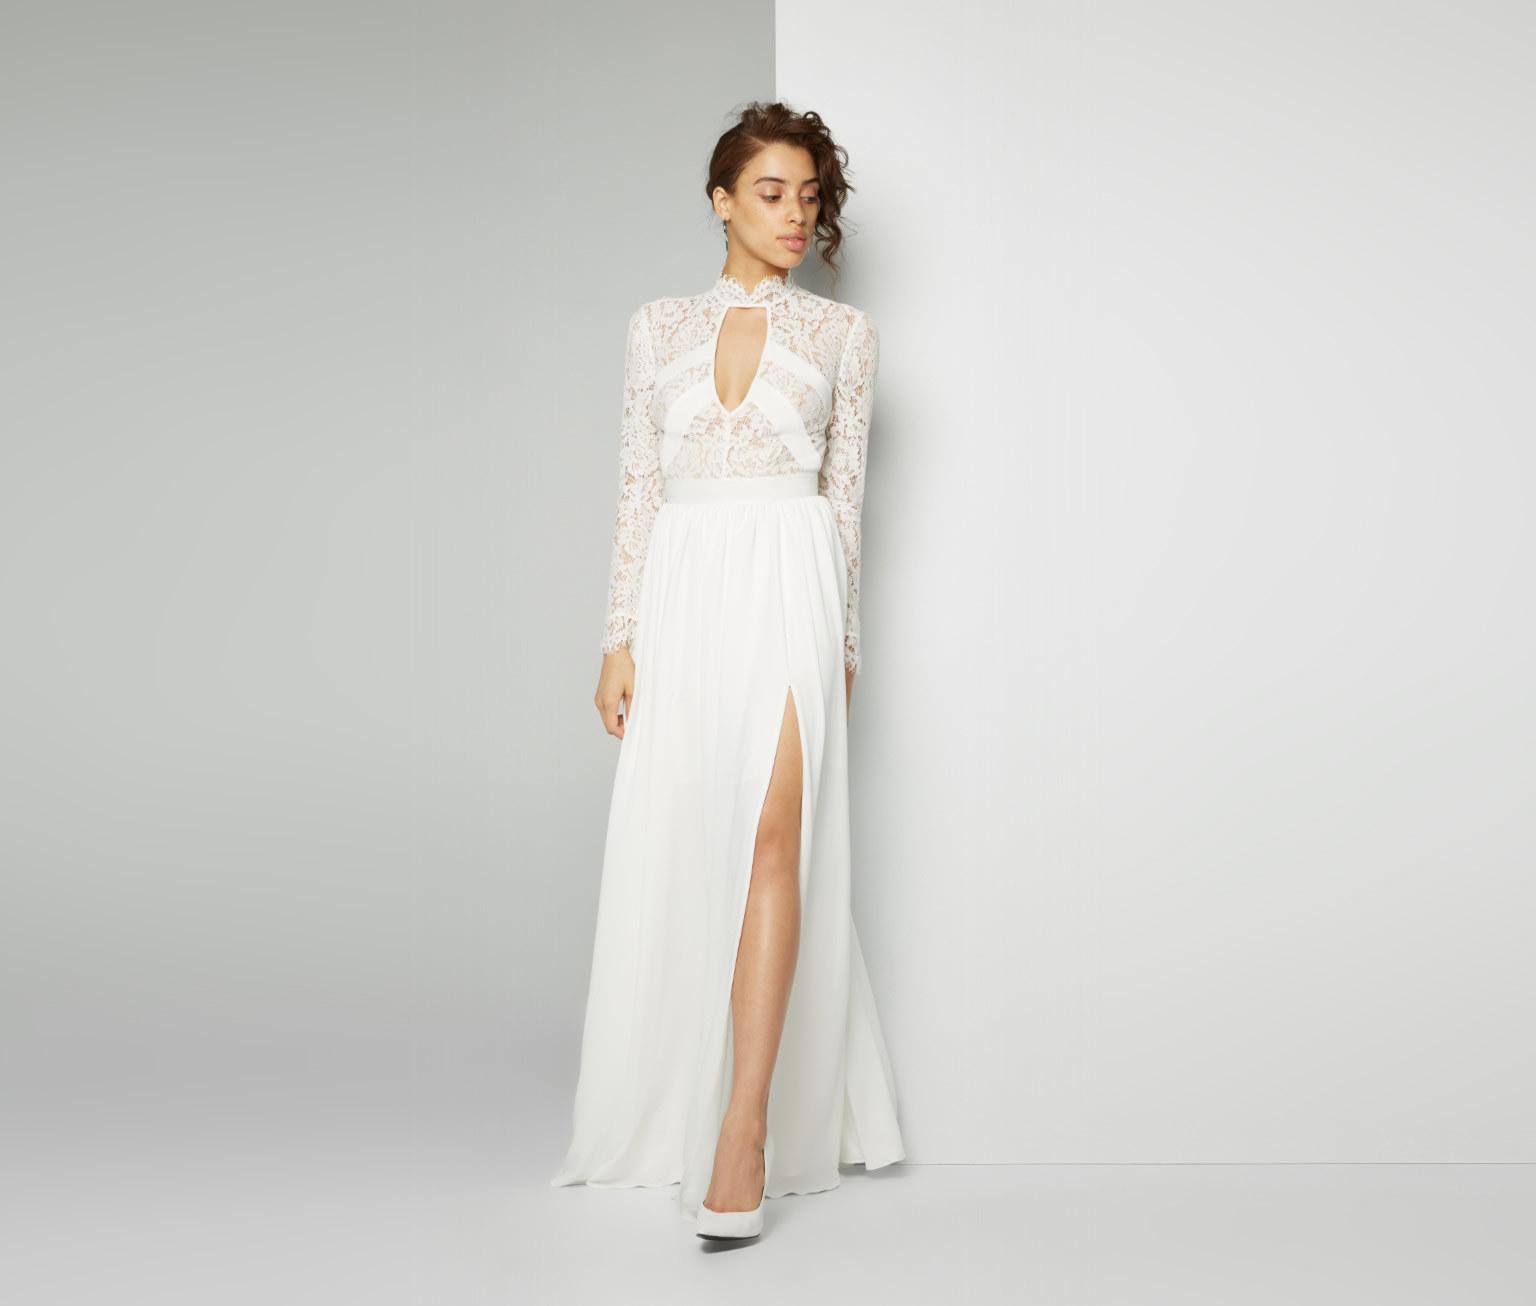 buying used wedding dresses photo - 1